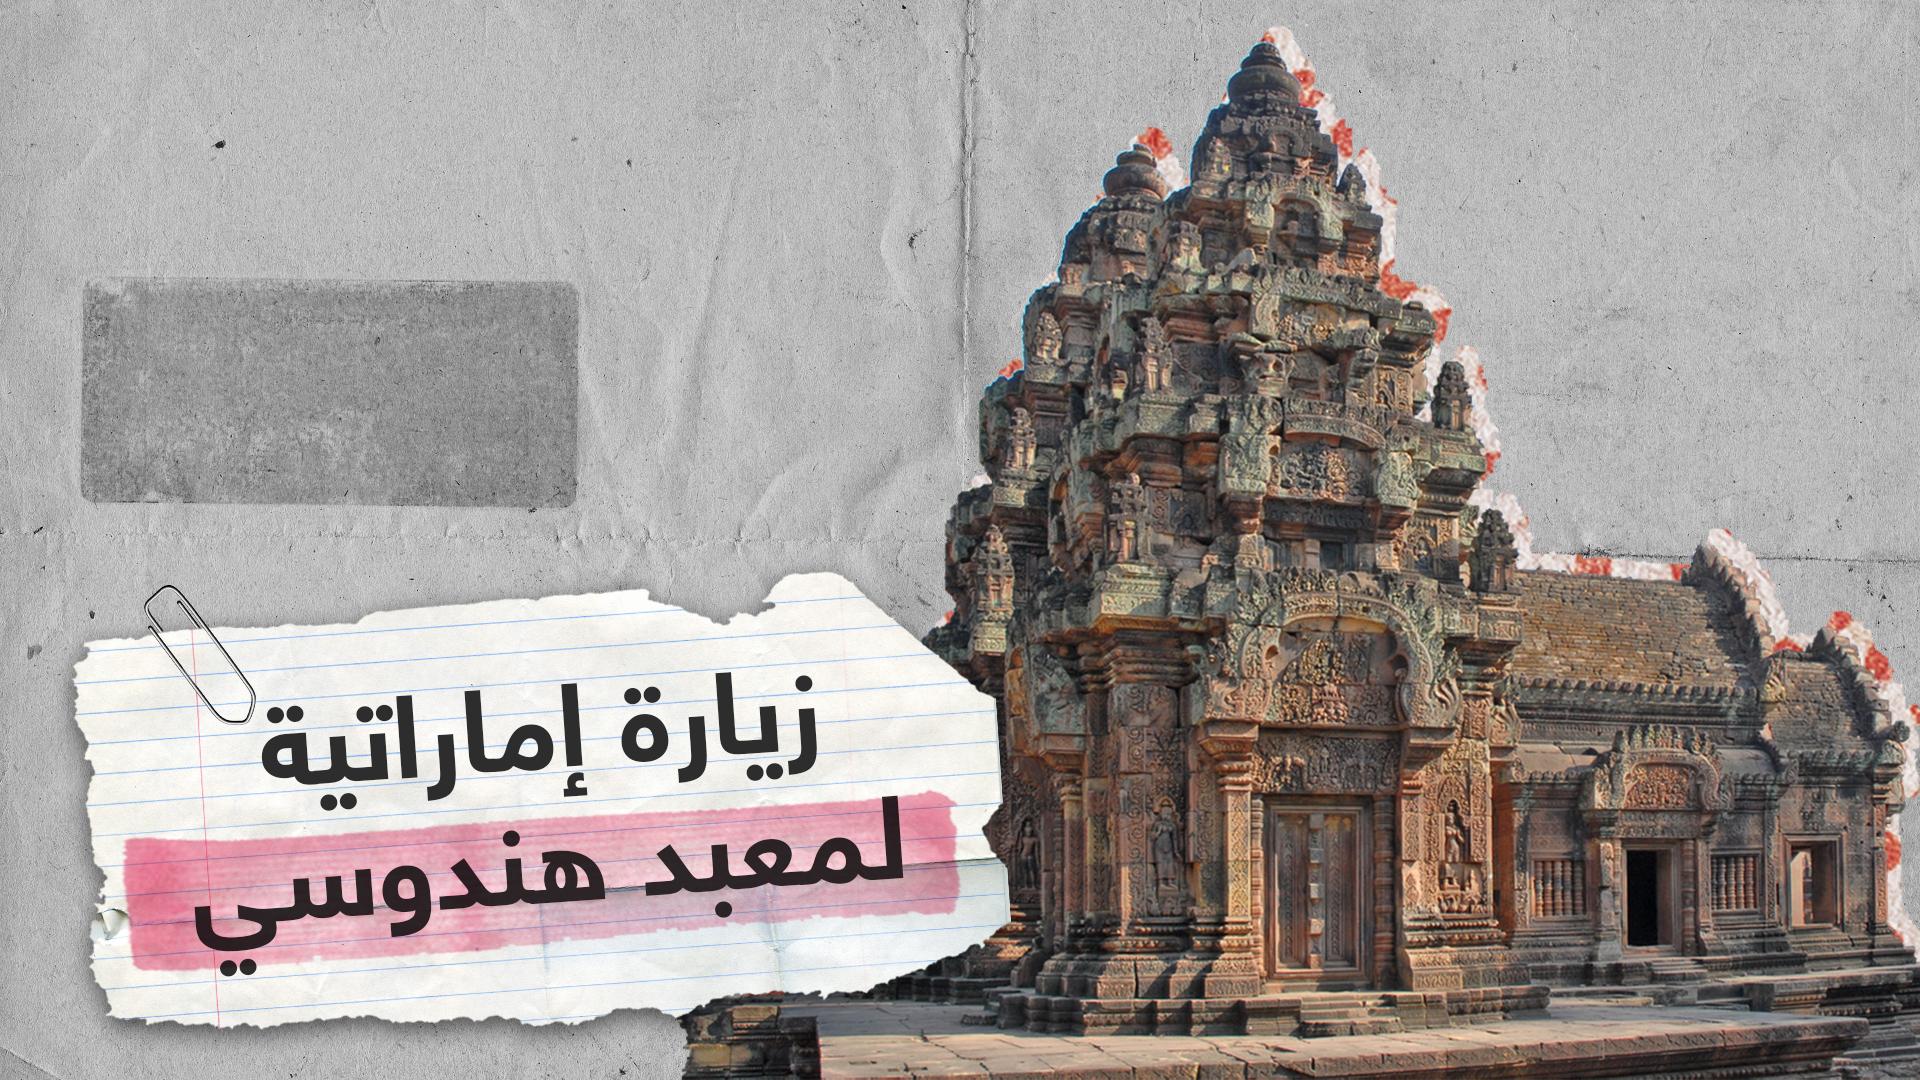 شيخة إمارتية في زيارة لمعبد هندوسي